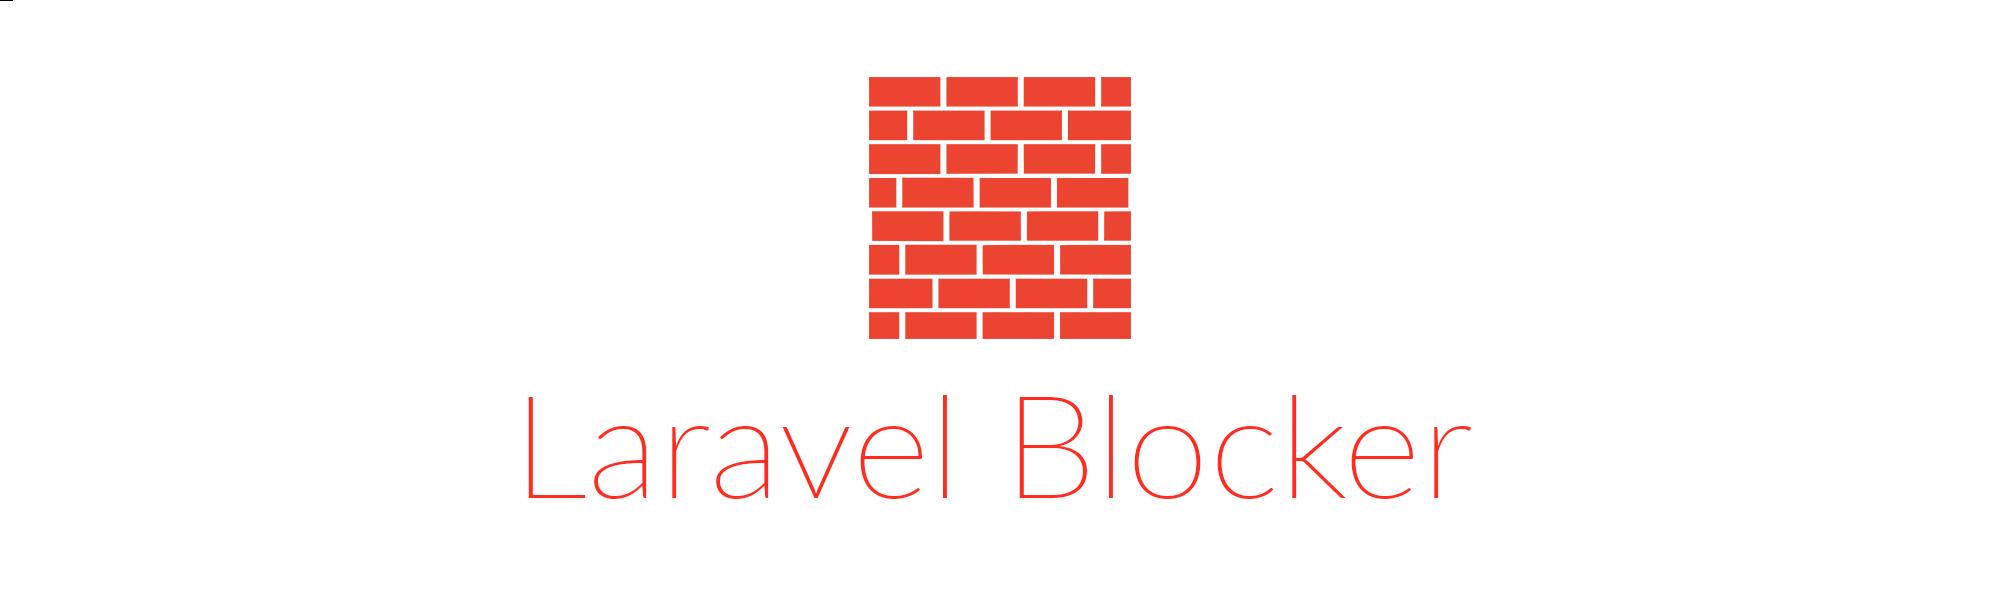 Laravel Blocker